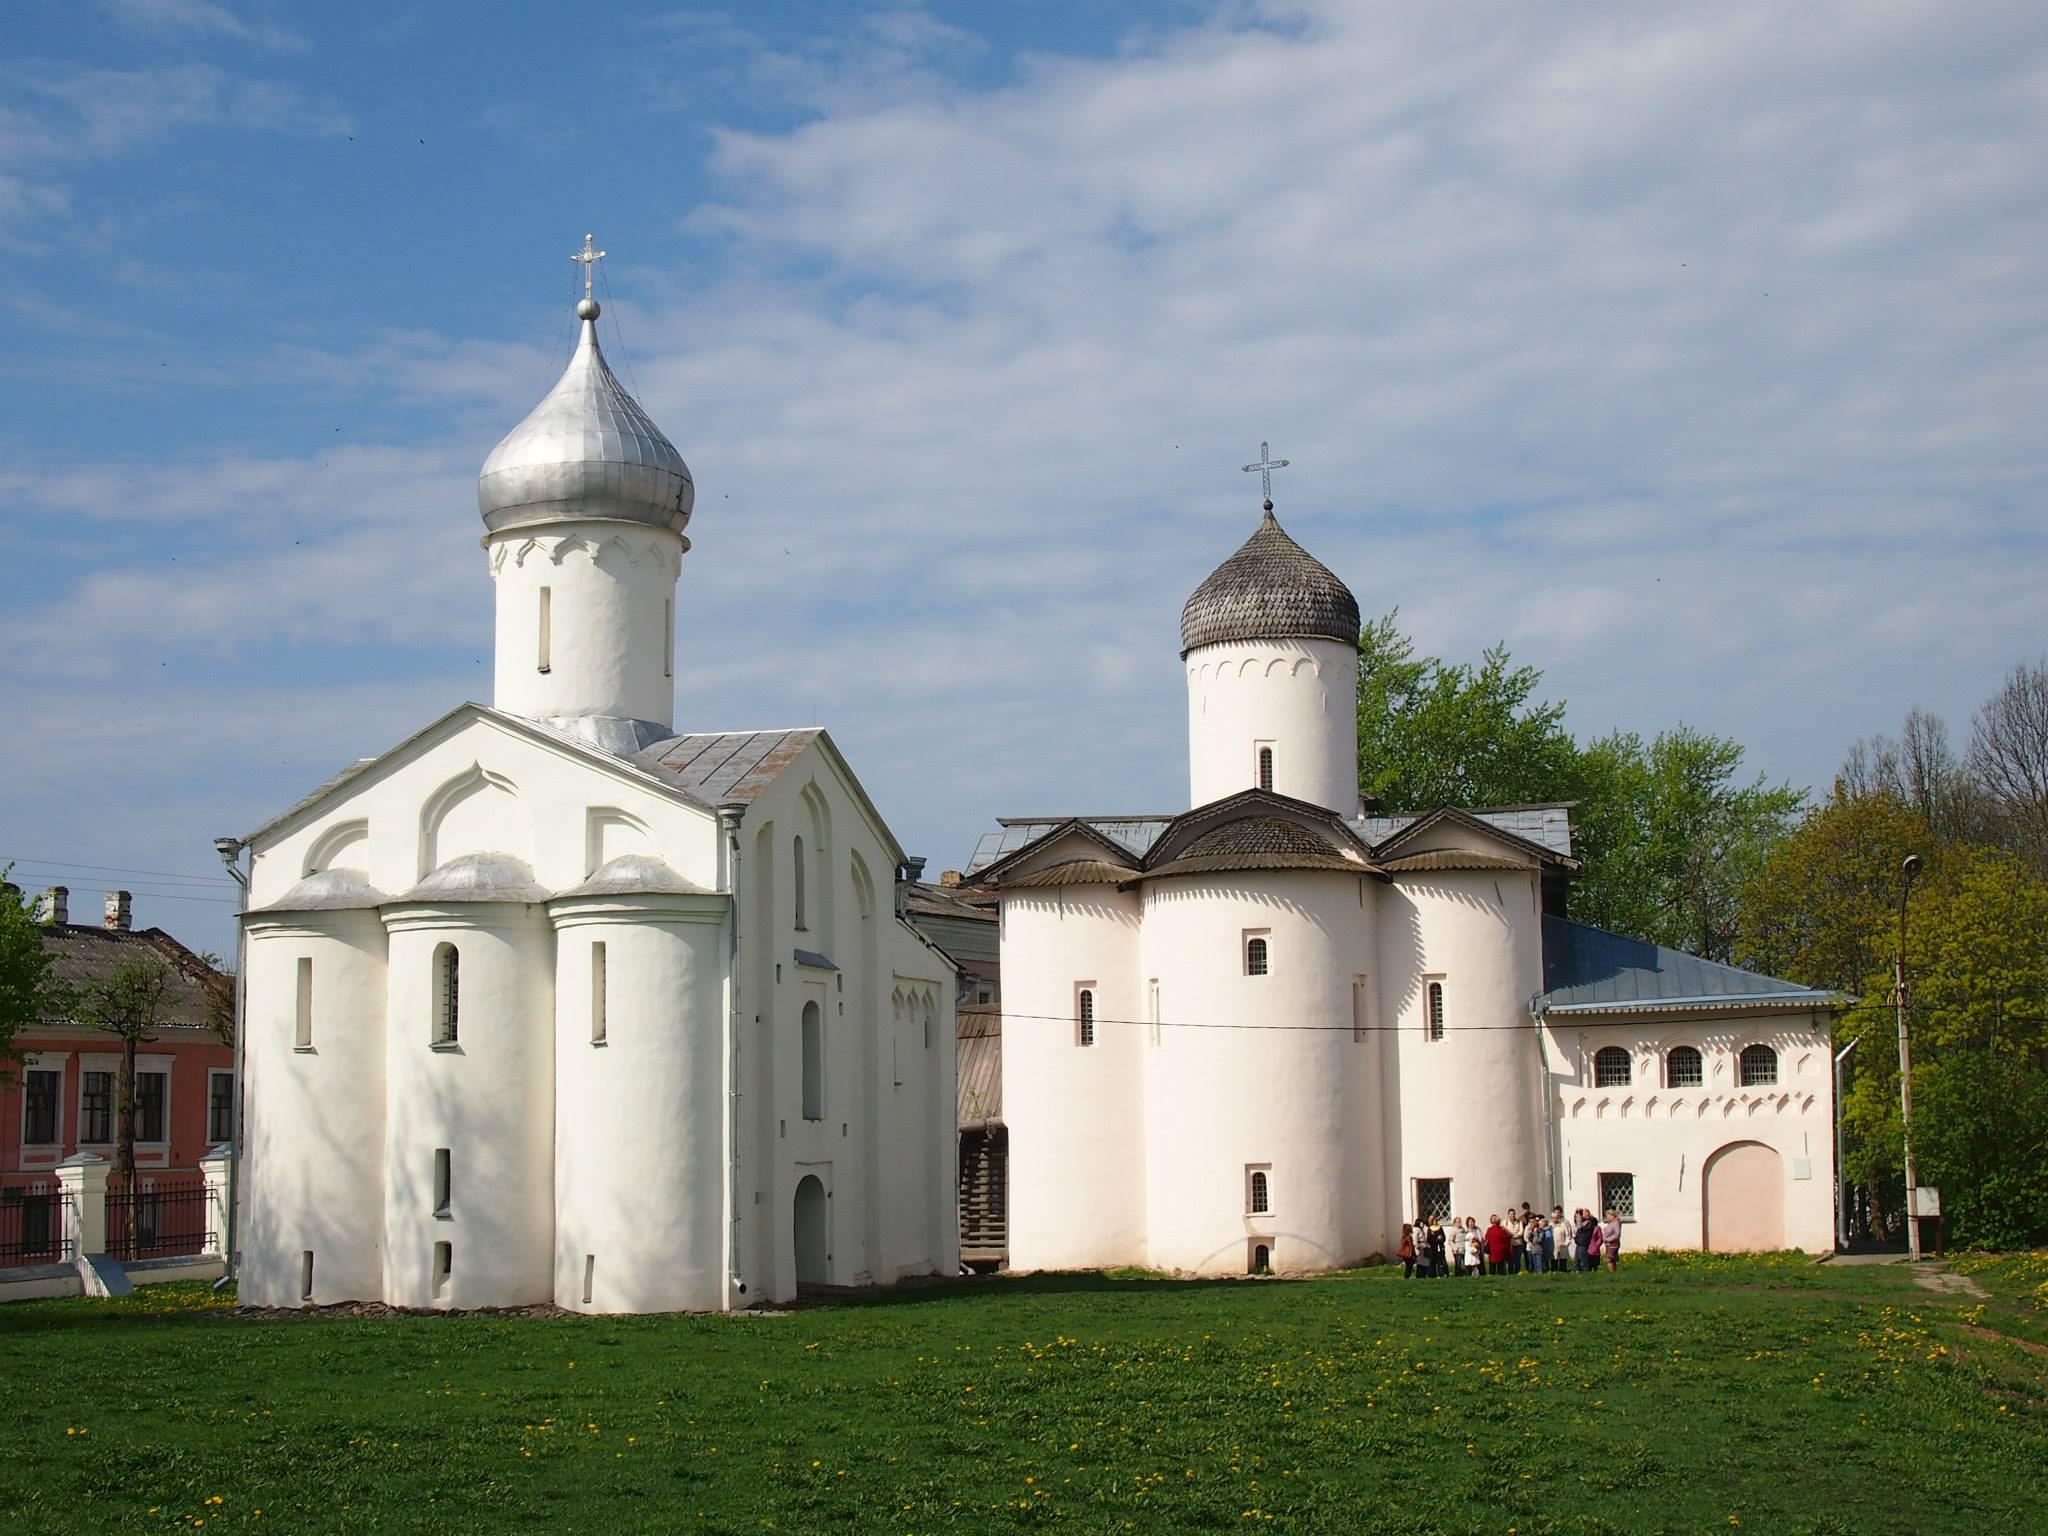 В историческом центре Великого Новгорода улицам вернули прежние названия. Фото: Валерий Поташов